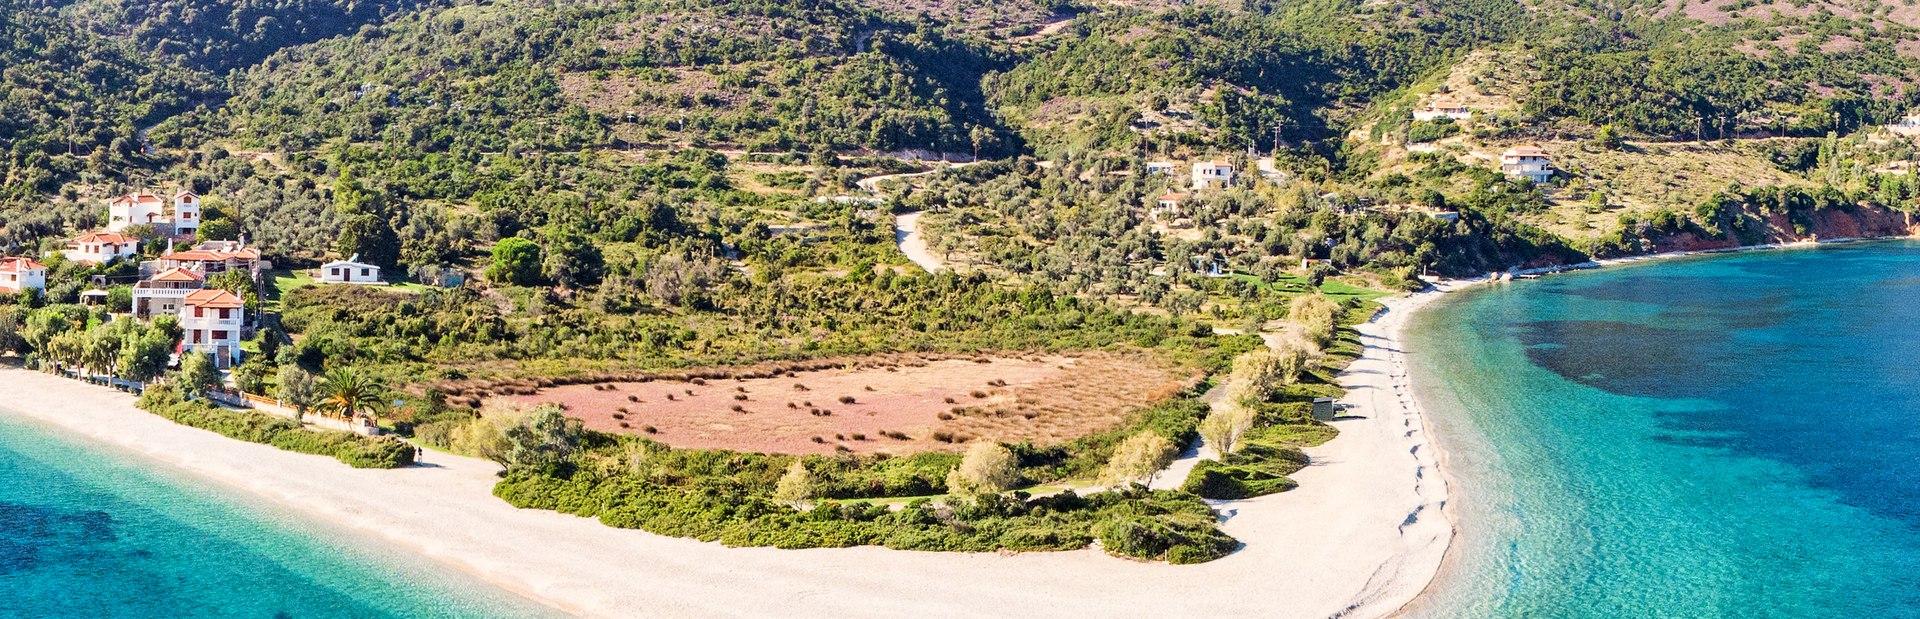 Agios Dimitrios Image 1